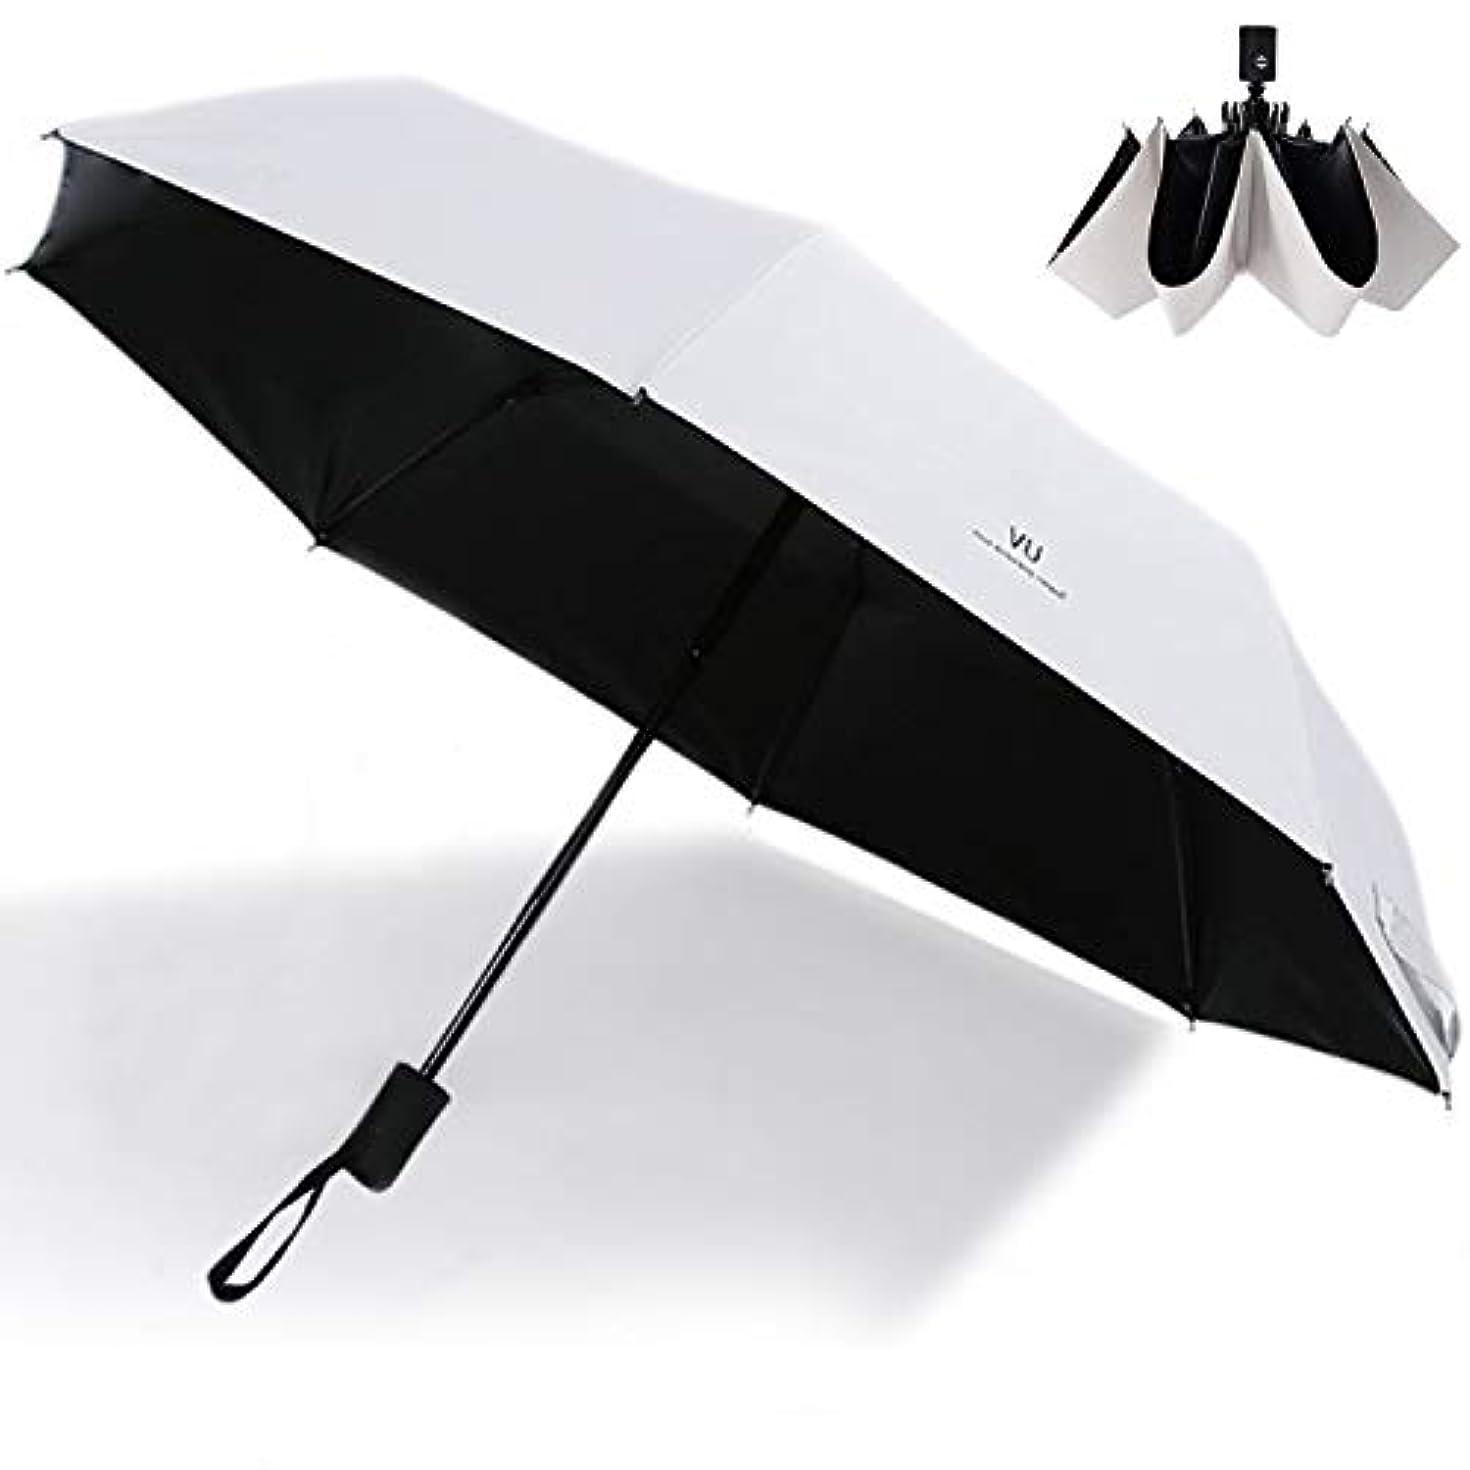 受粉する道路州T WILKER 日傘 折りたたみ傘 ワンタッチ自動開閉 8本骨 耐風撥水 晴雨兼用 紫外線遮断 体感温度下げ UVカット率99.9% シンプル (ホワイト)